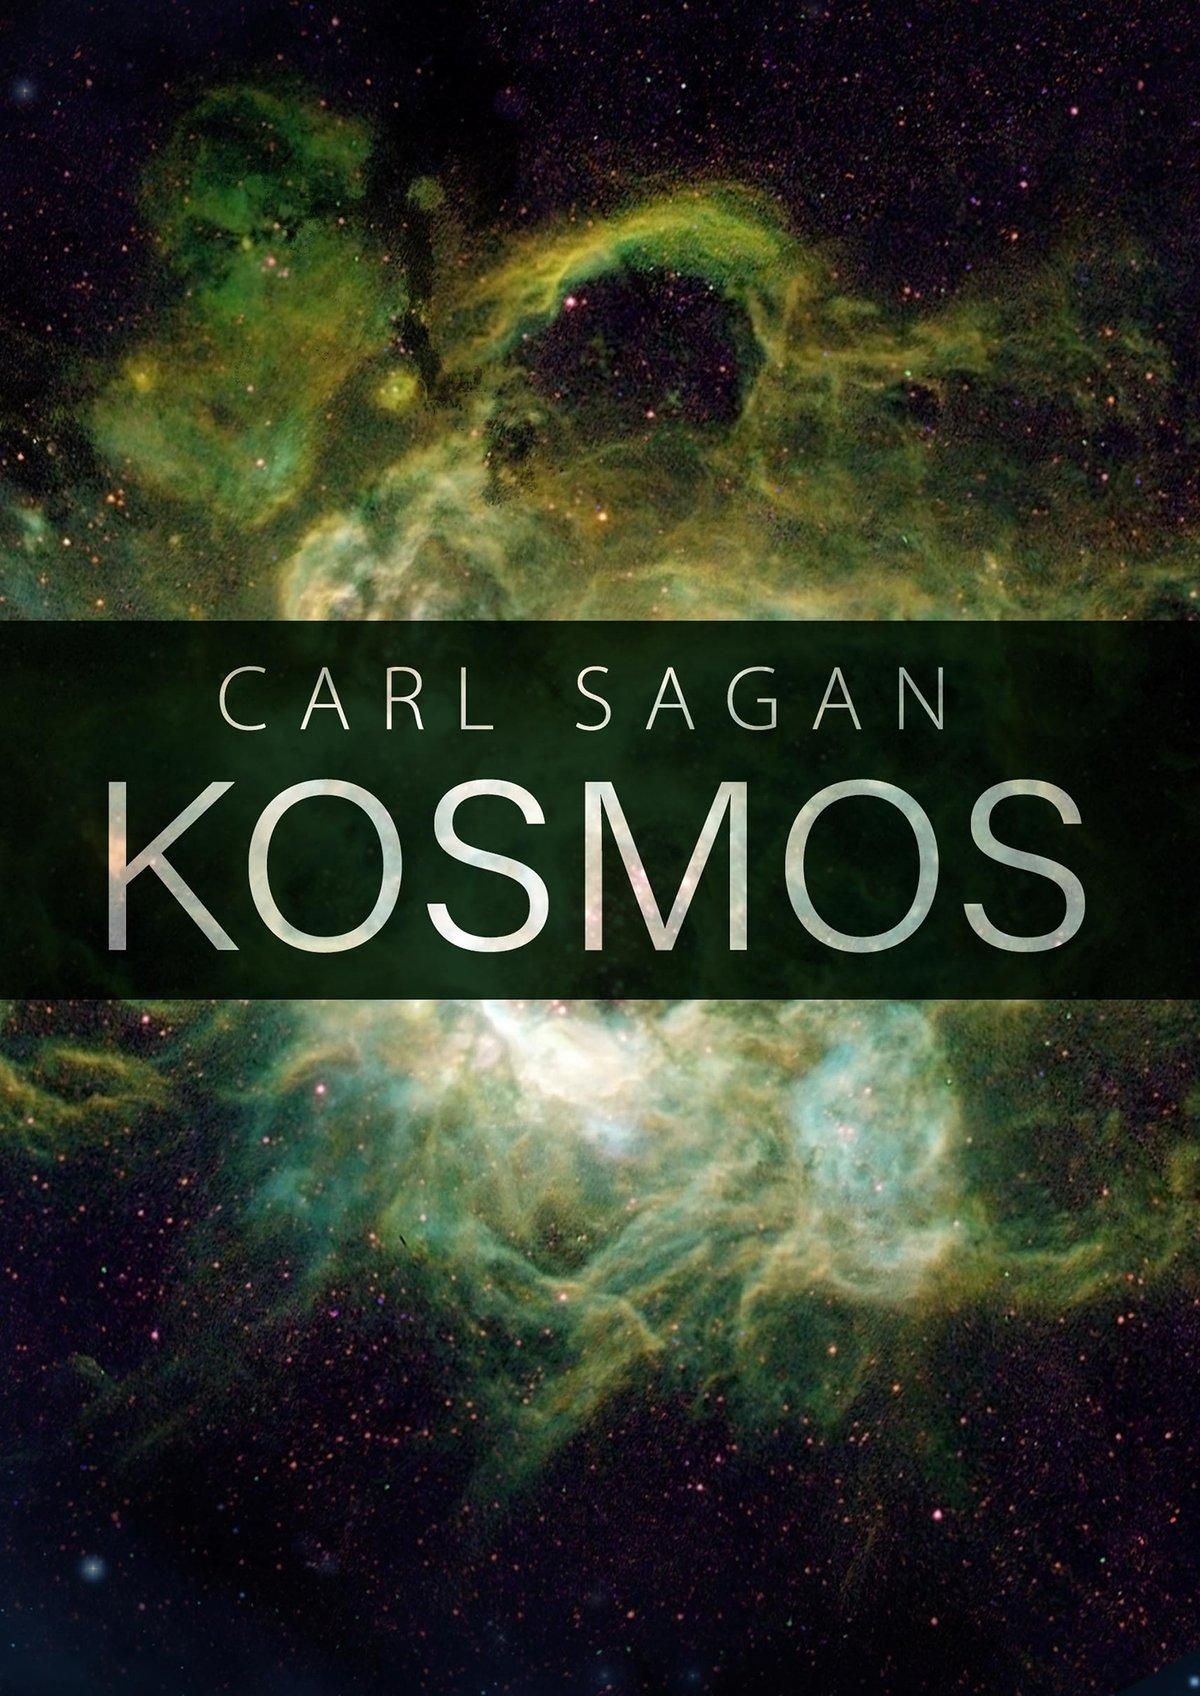 Kosmos - Ebook (Książka EPUB) do pobrania w formacie EPUB